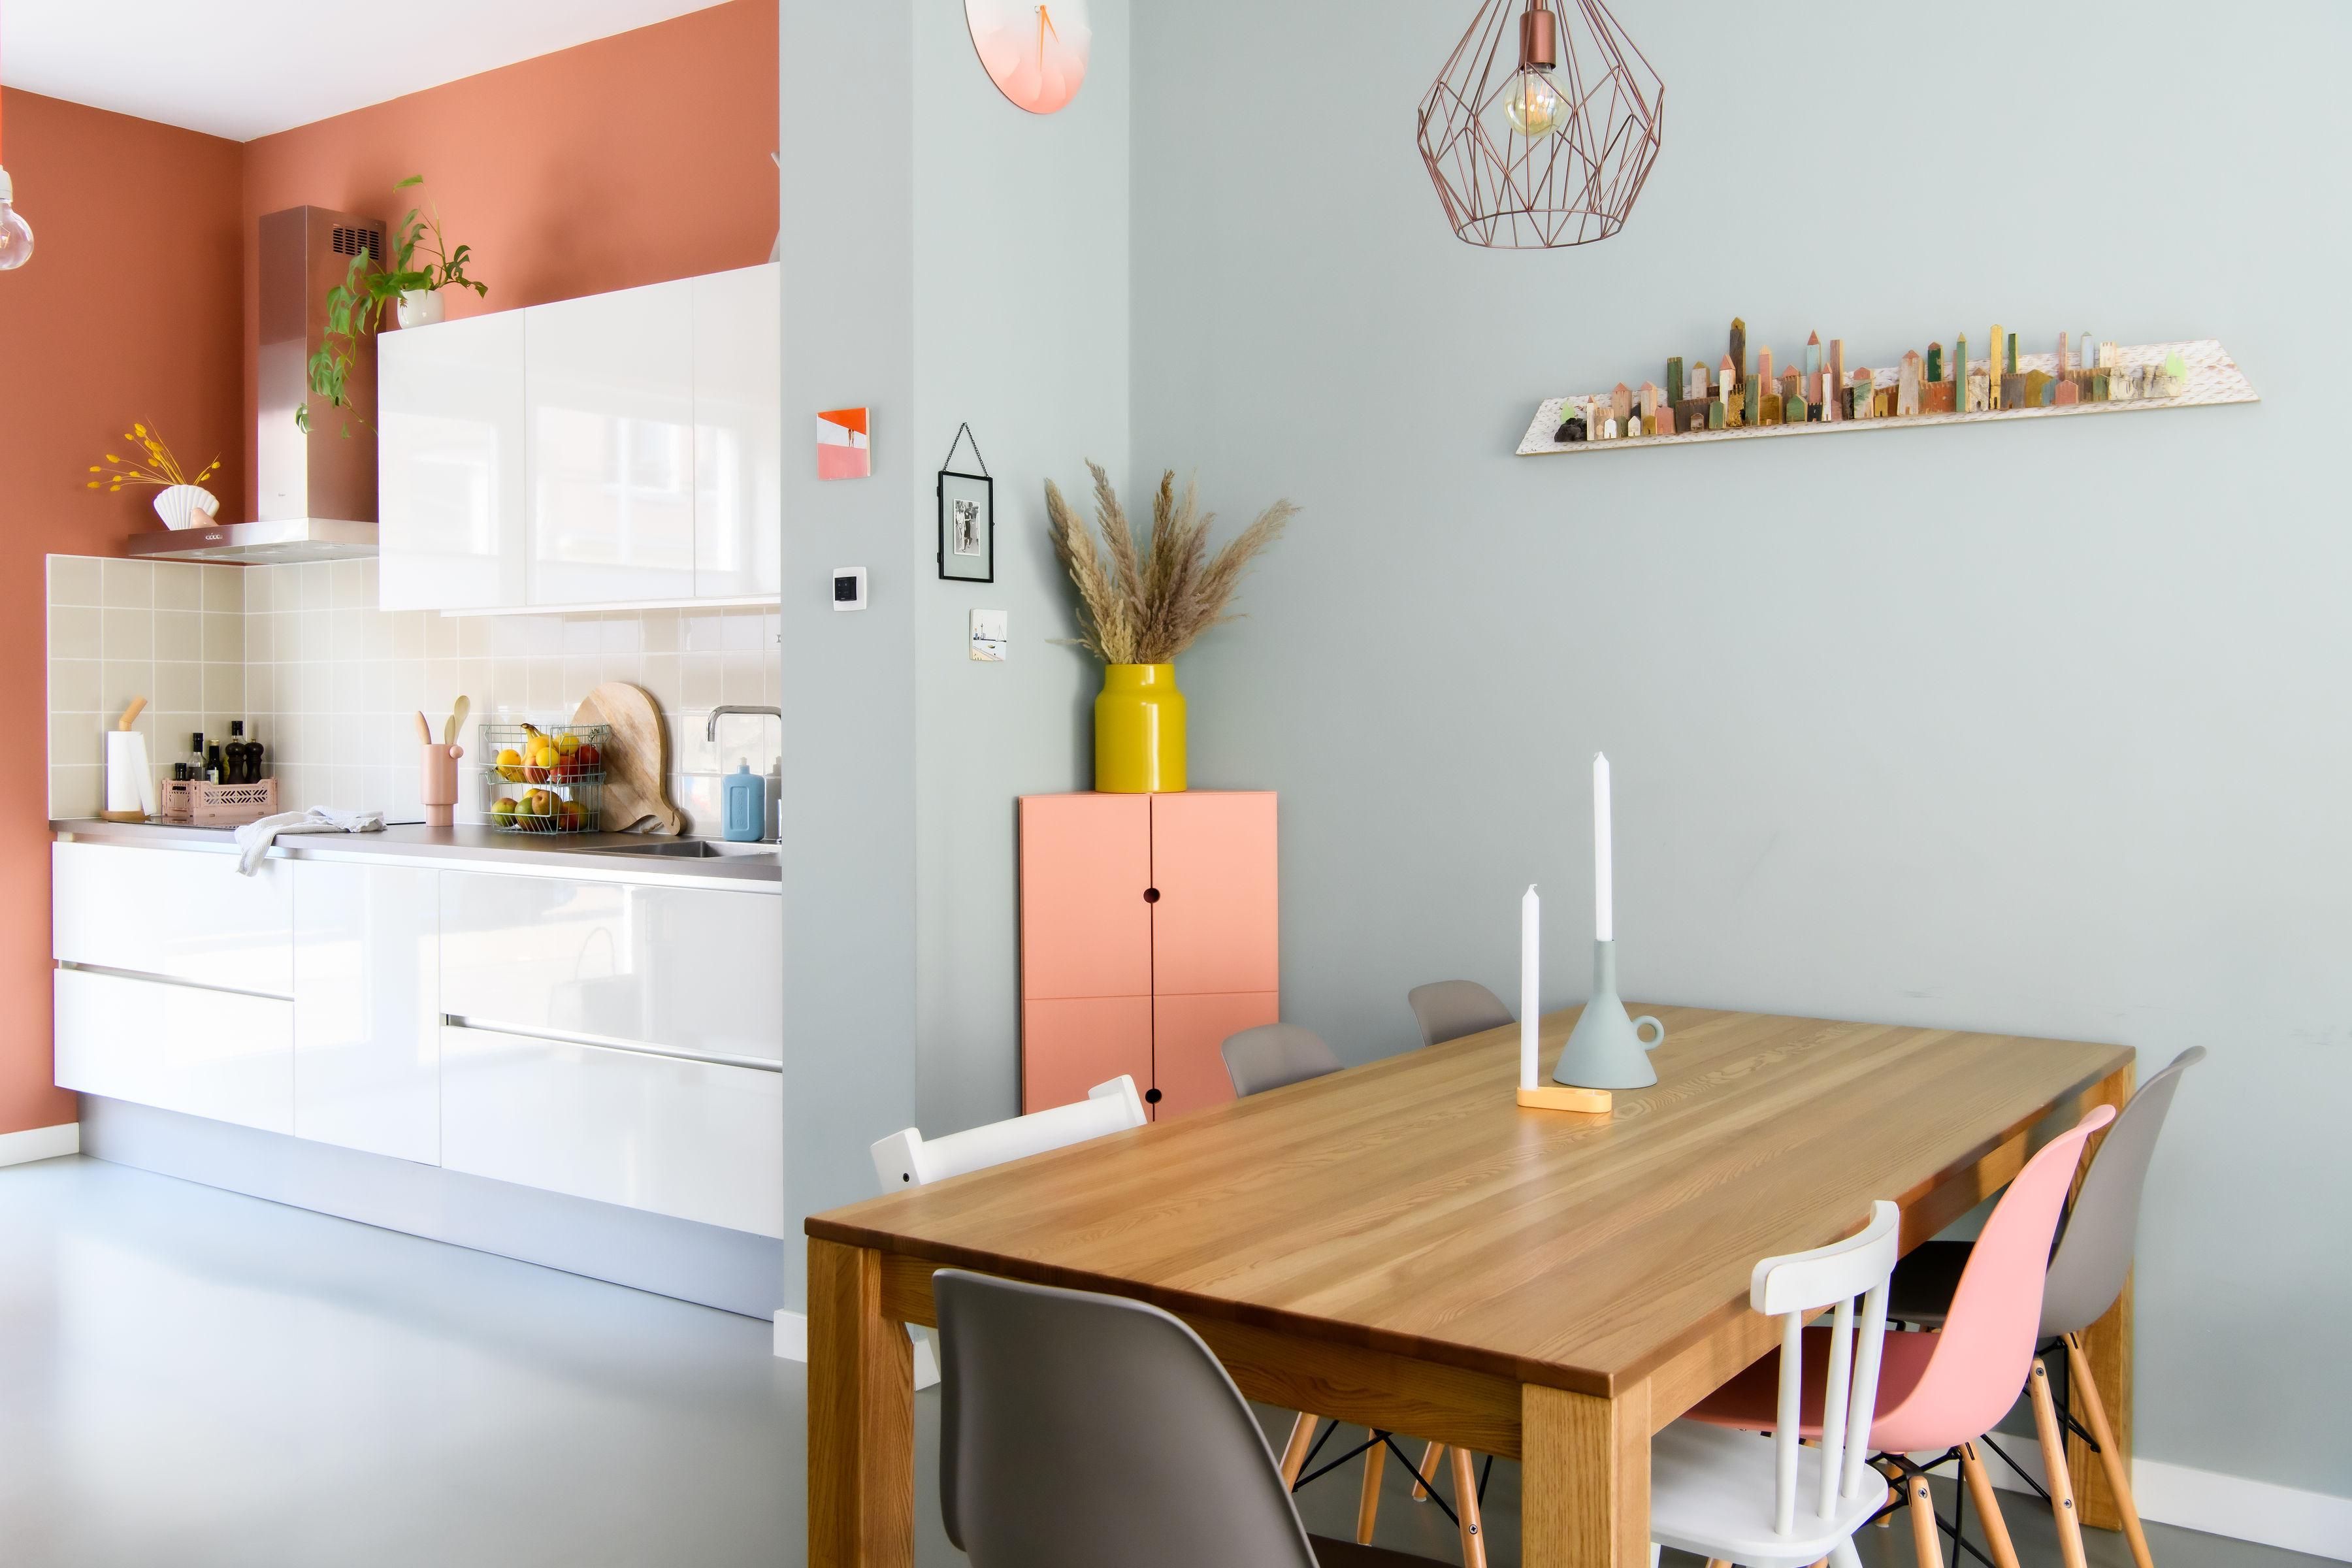 Early dew kleur woonkamer met terracotta kleur keuken